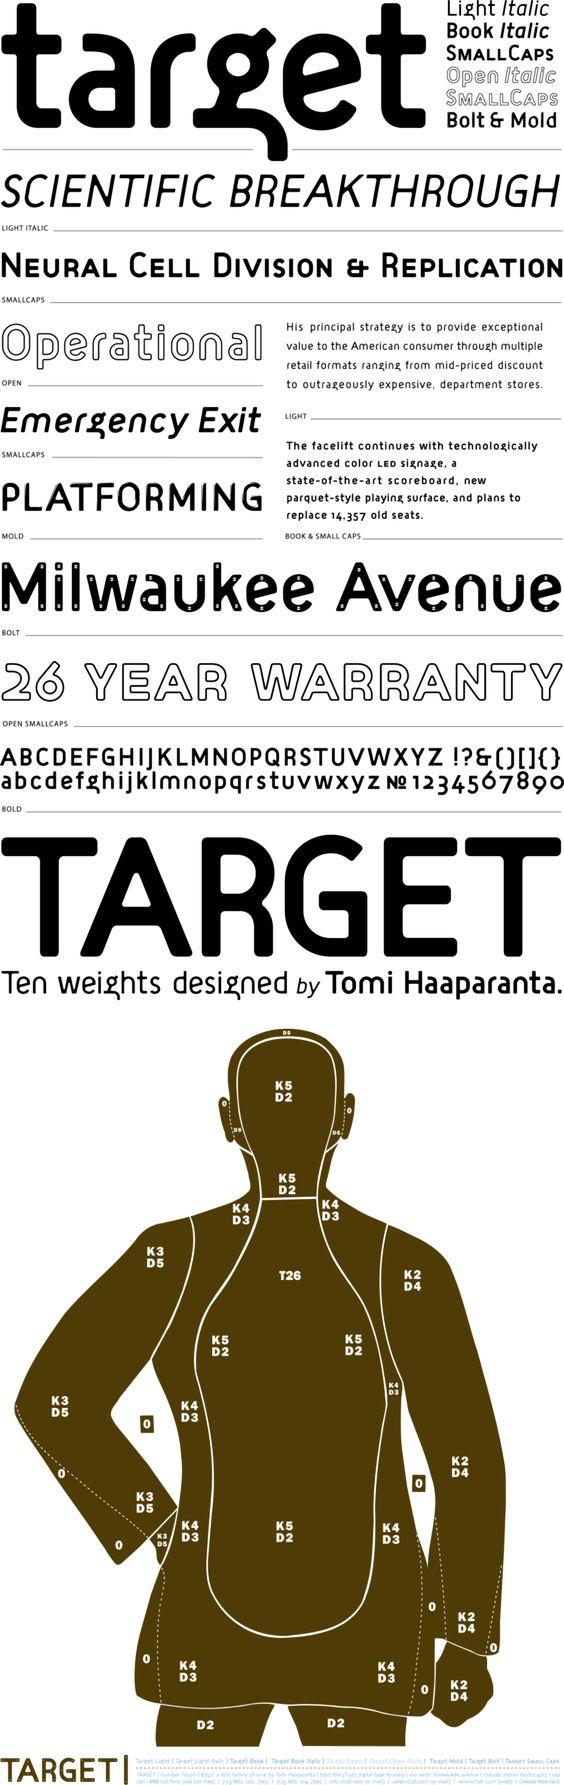 Target-billboard_billboard